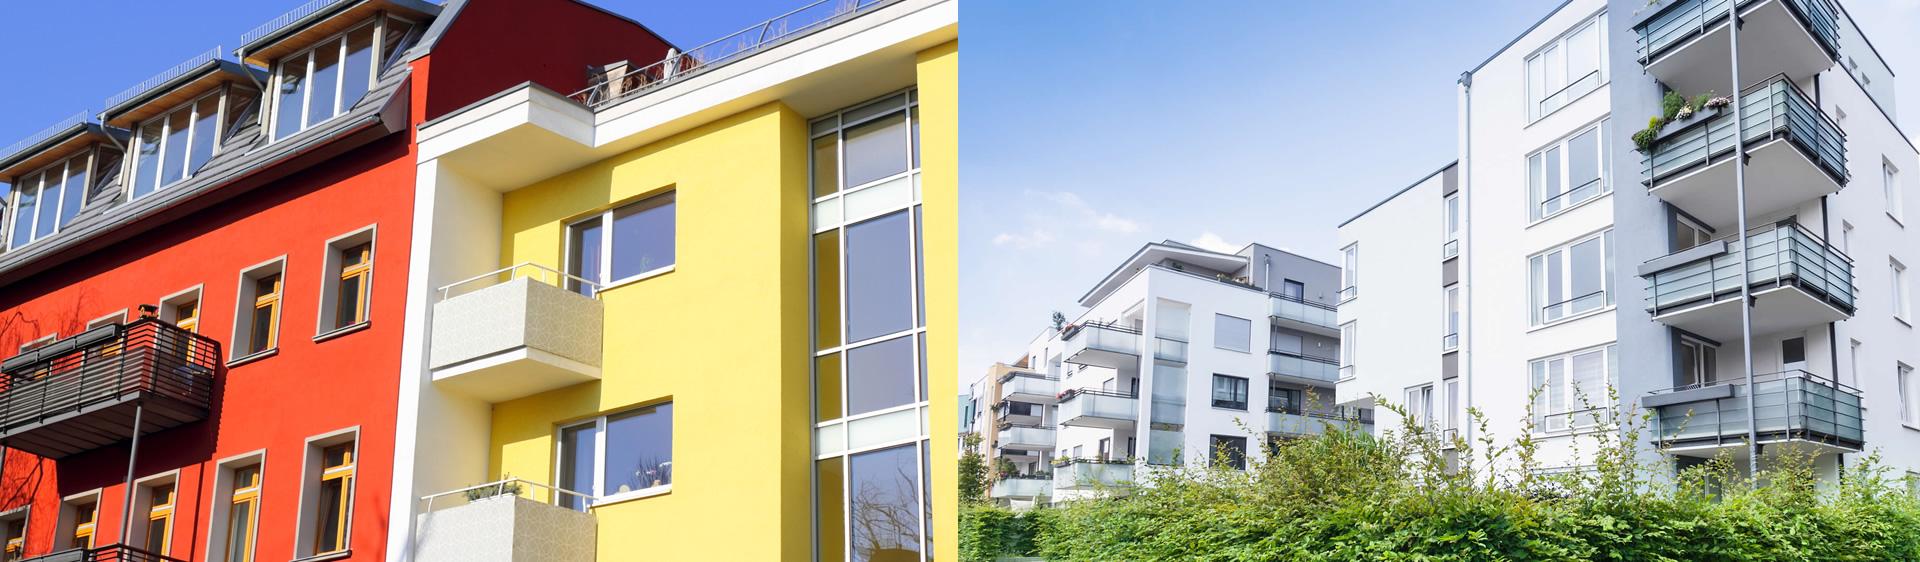 Amministrazione immobiliare Studio Riccio a Orbassano (TO)